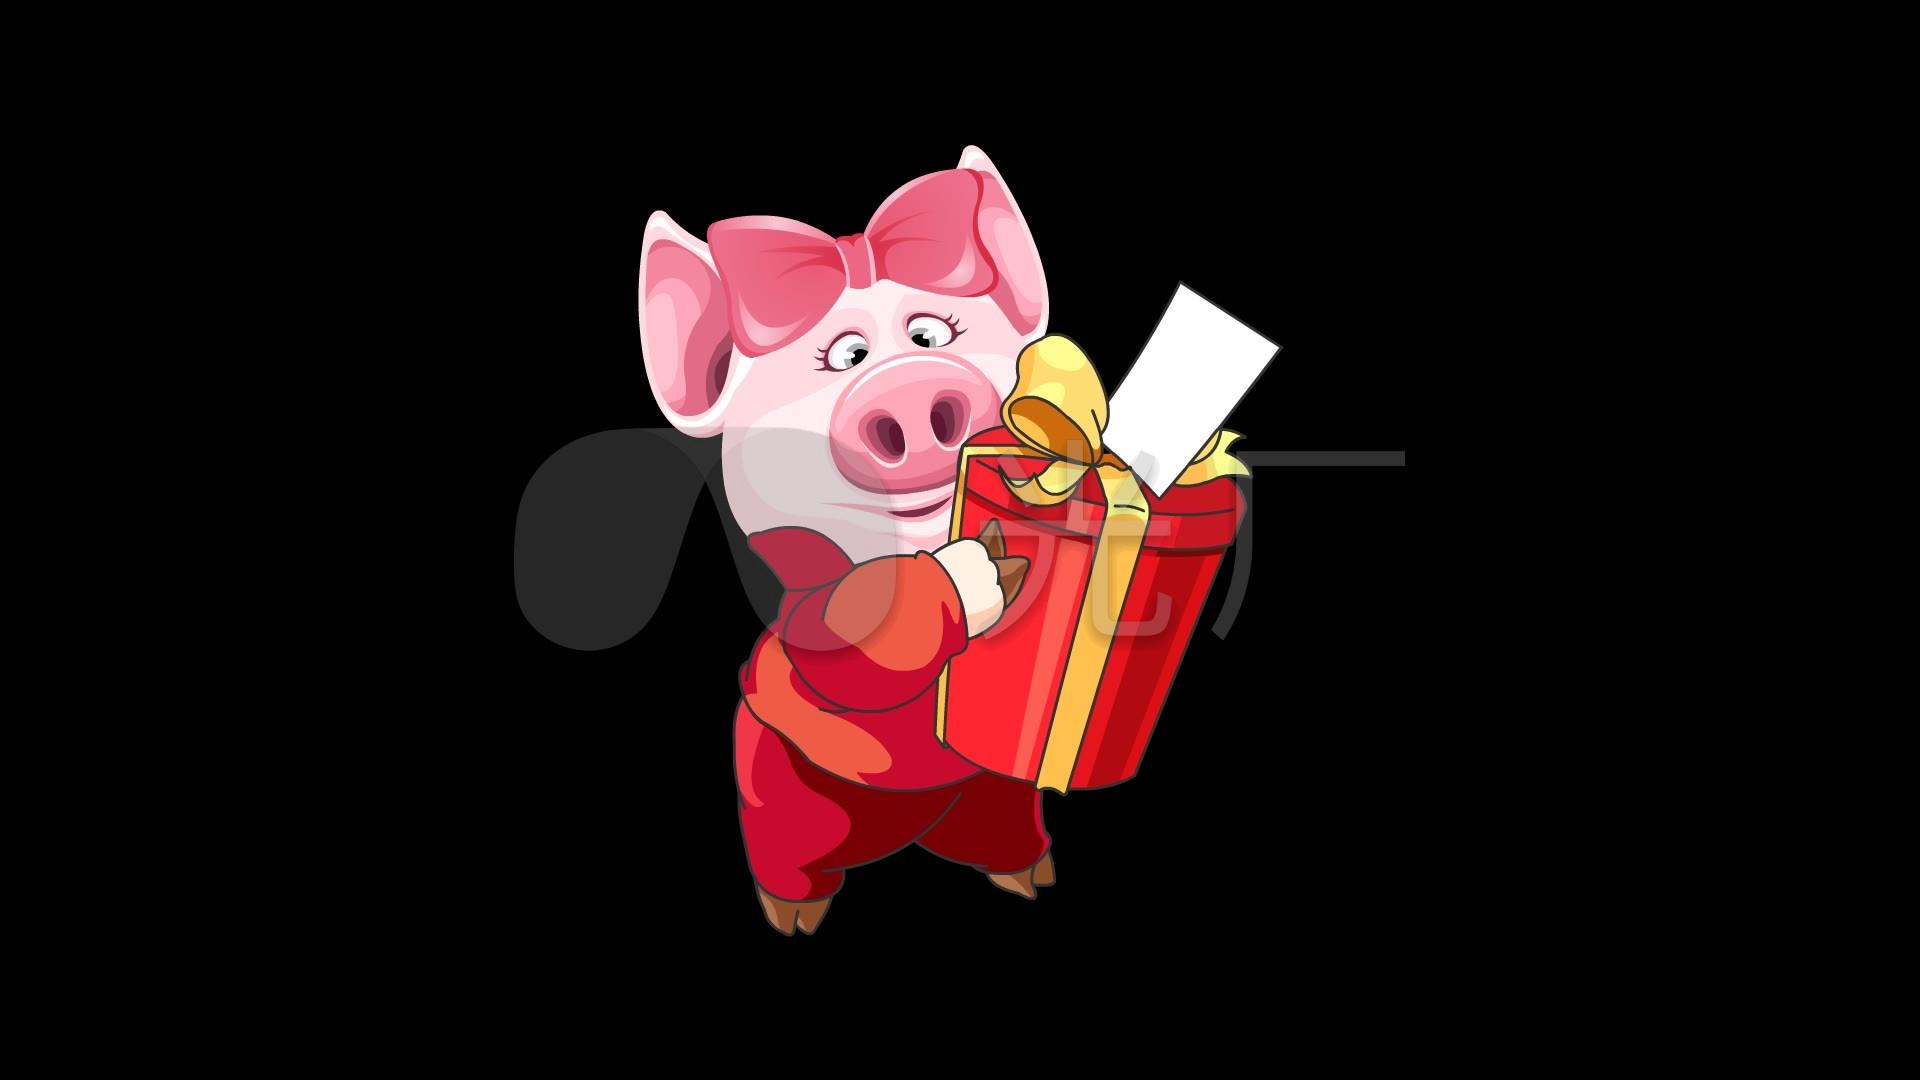 卡通猪送礼物喜庆动画循环通道_1920x1080_高清视频图片